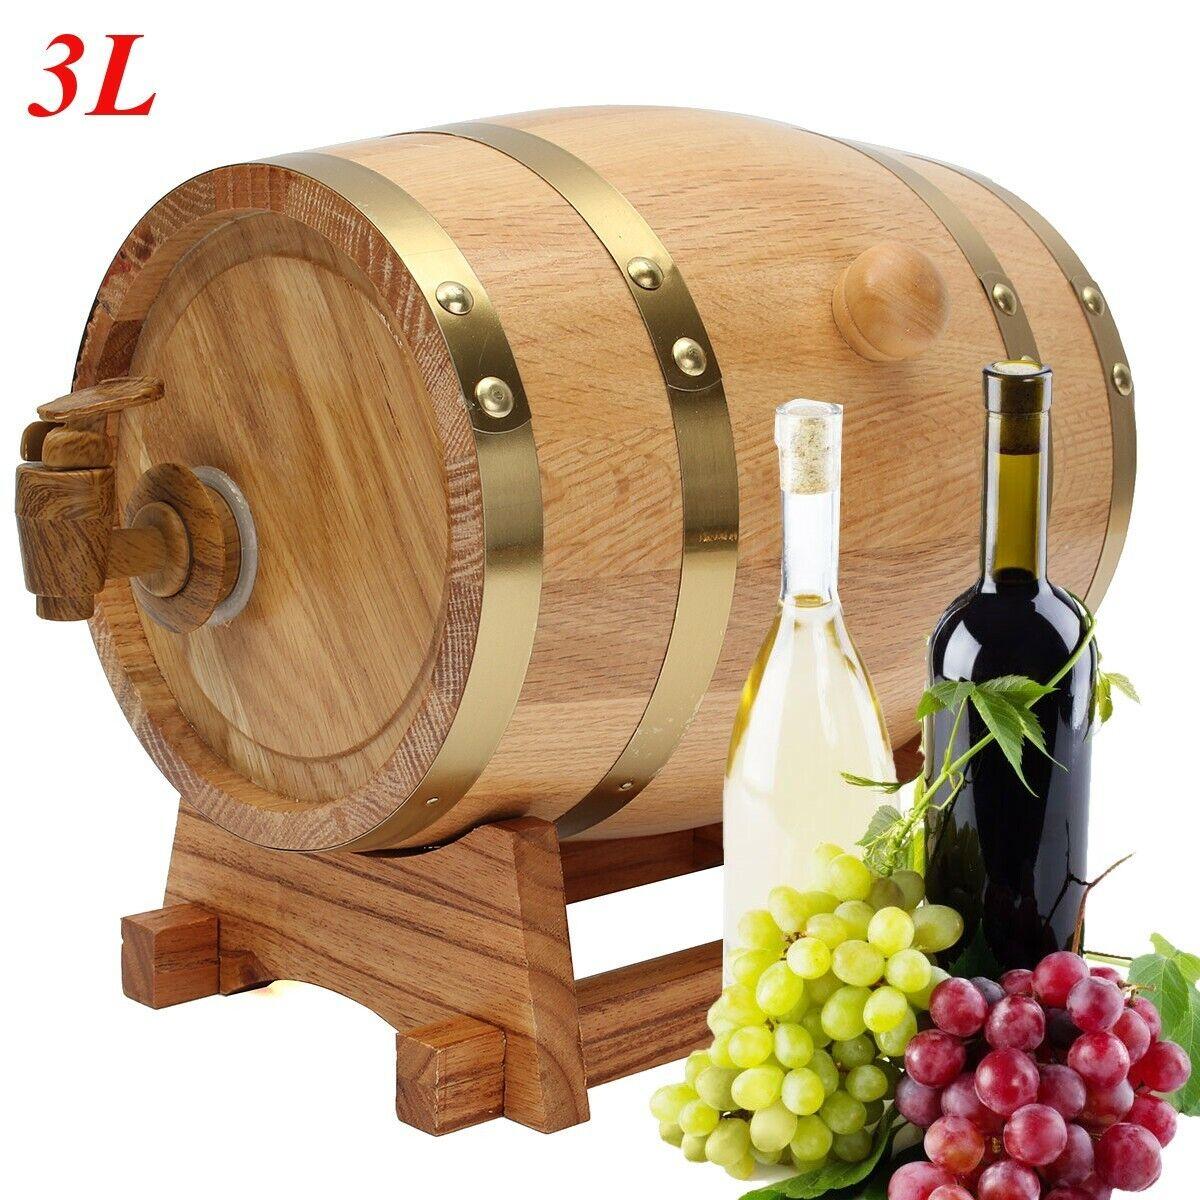 3L Wooden Oak Barrel Keg, Spigot for Whisky Wine Port Rum Liquor Home brew